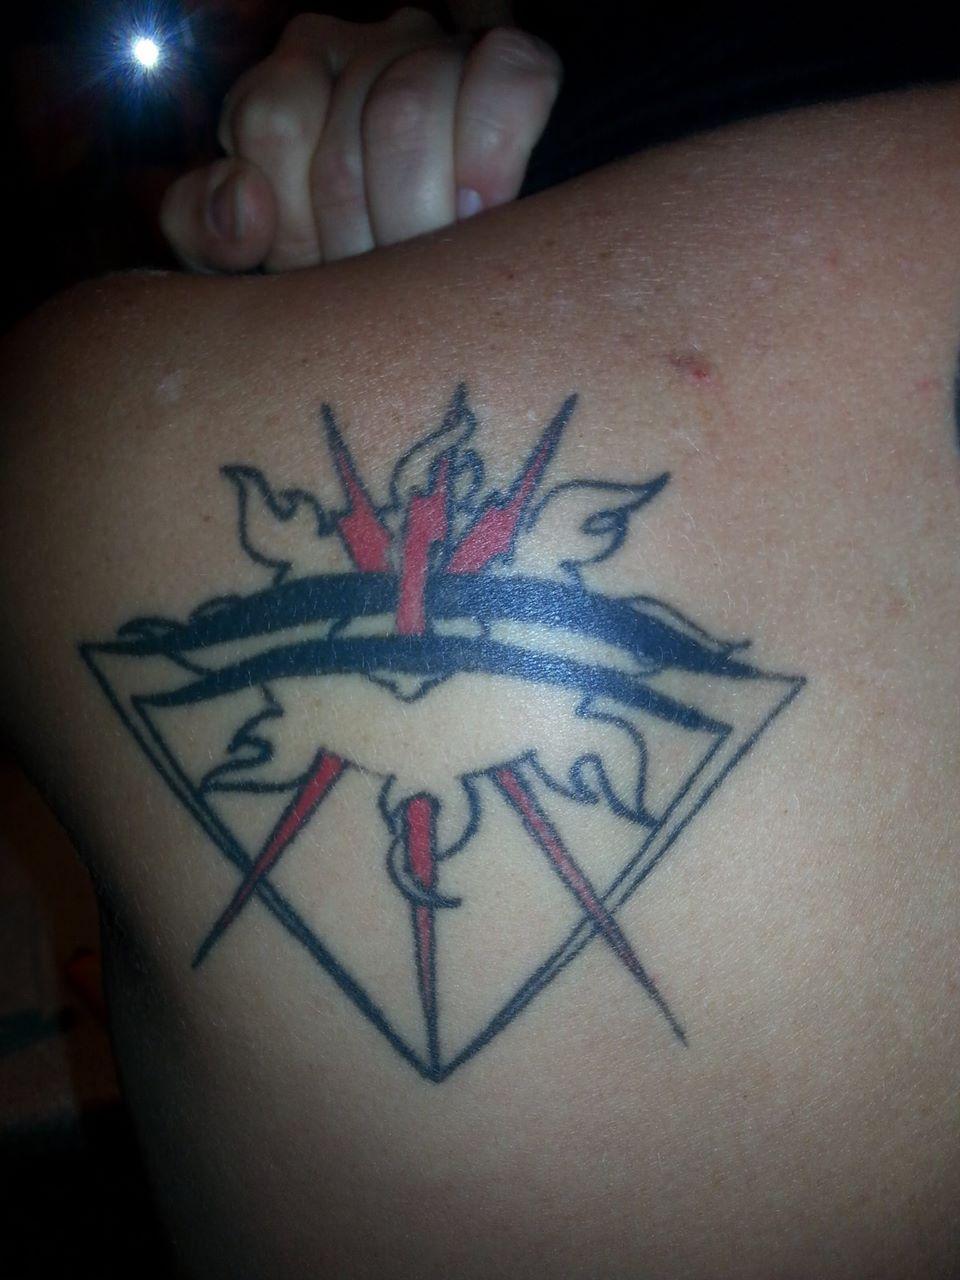 Thanks Catherine! Tattoos, Infinity tattoo, Fan tattoo